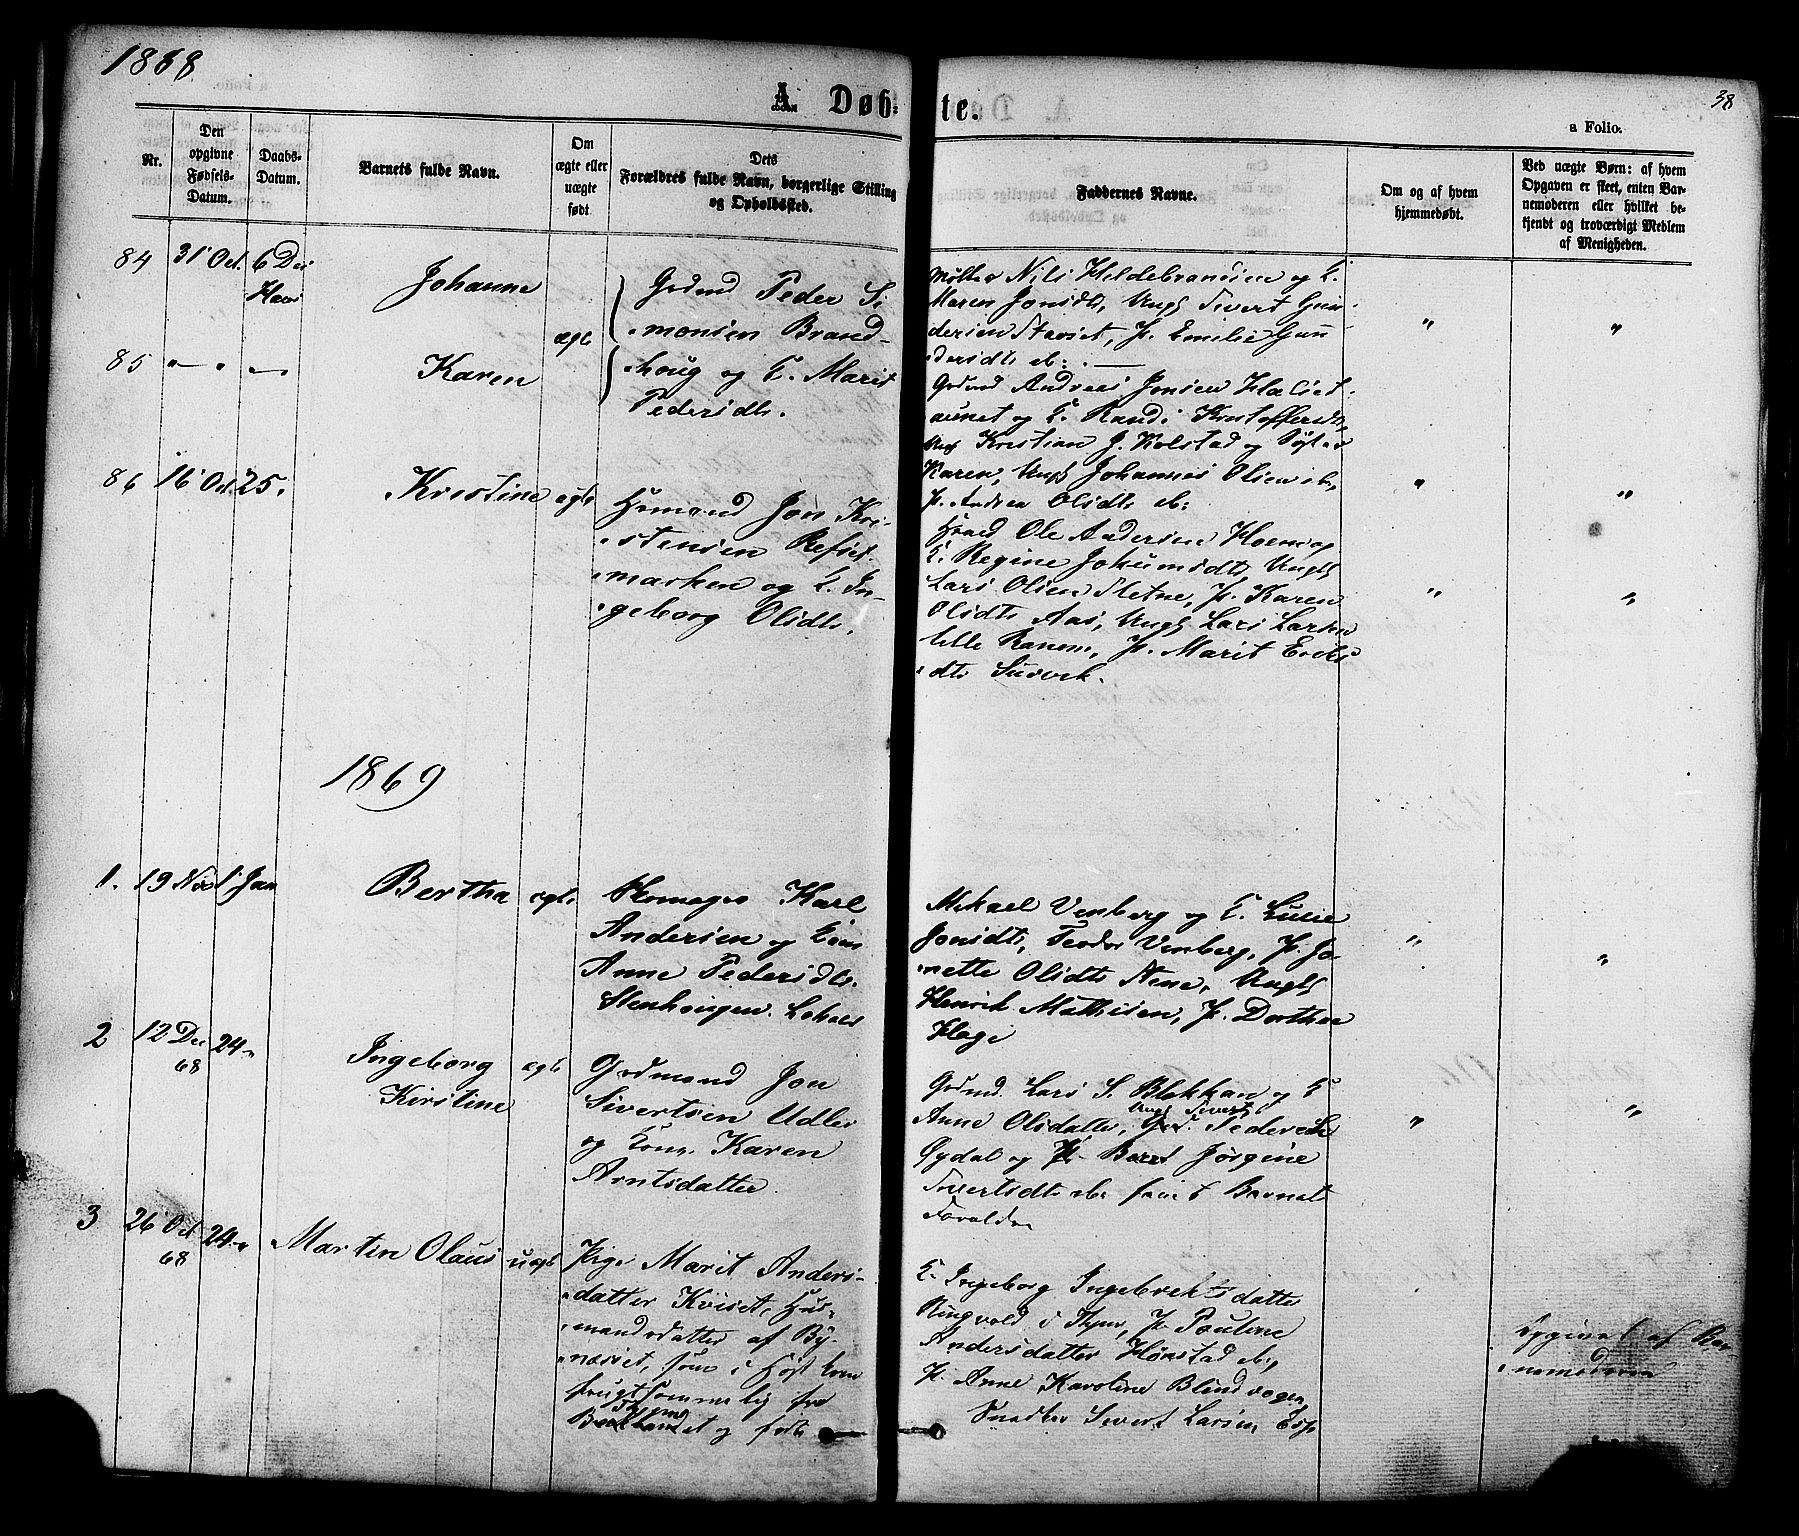 SAT, Ministerialprotokoller, klokkerbøker og fødselsregistre - Sør-Trøndelag, 606/L0293: Ministerialbok nr. 606A08, 1866-1877, s. 38